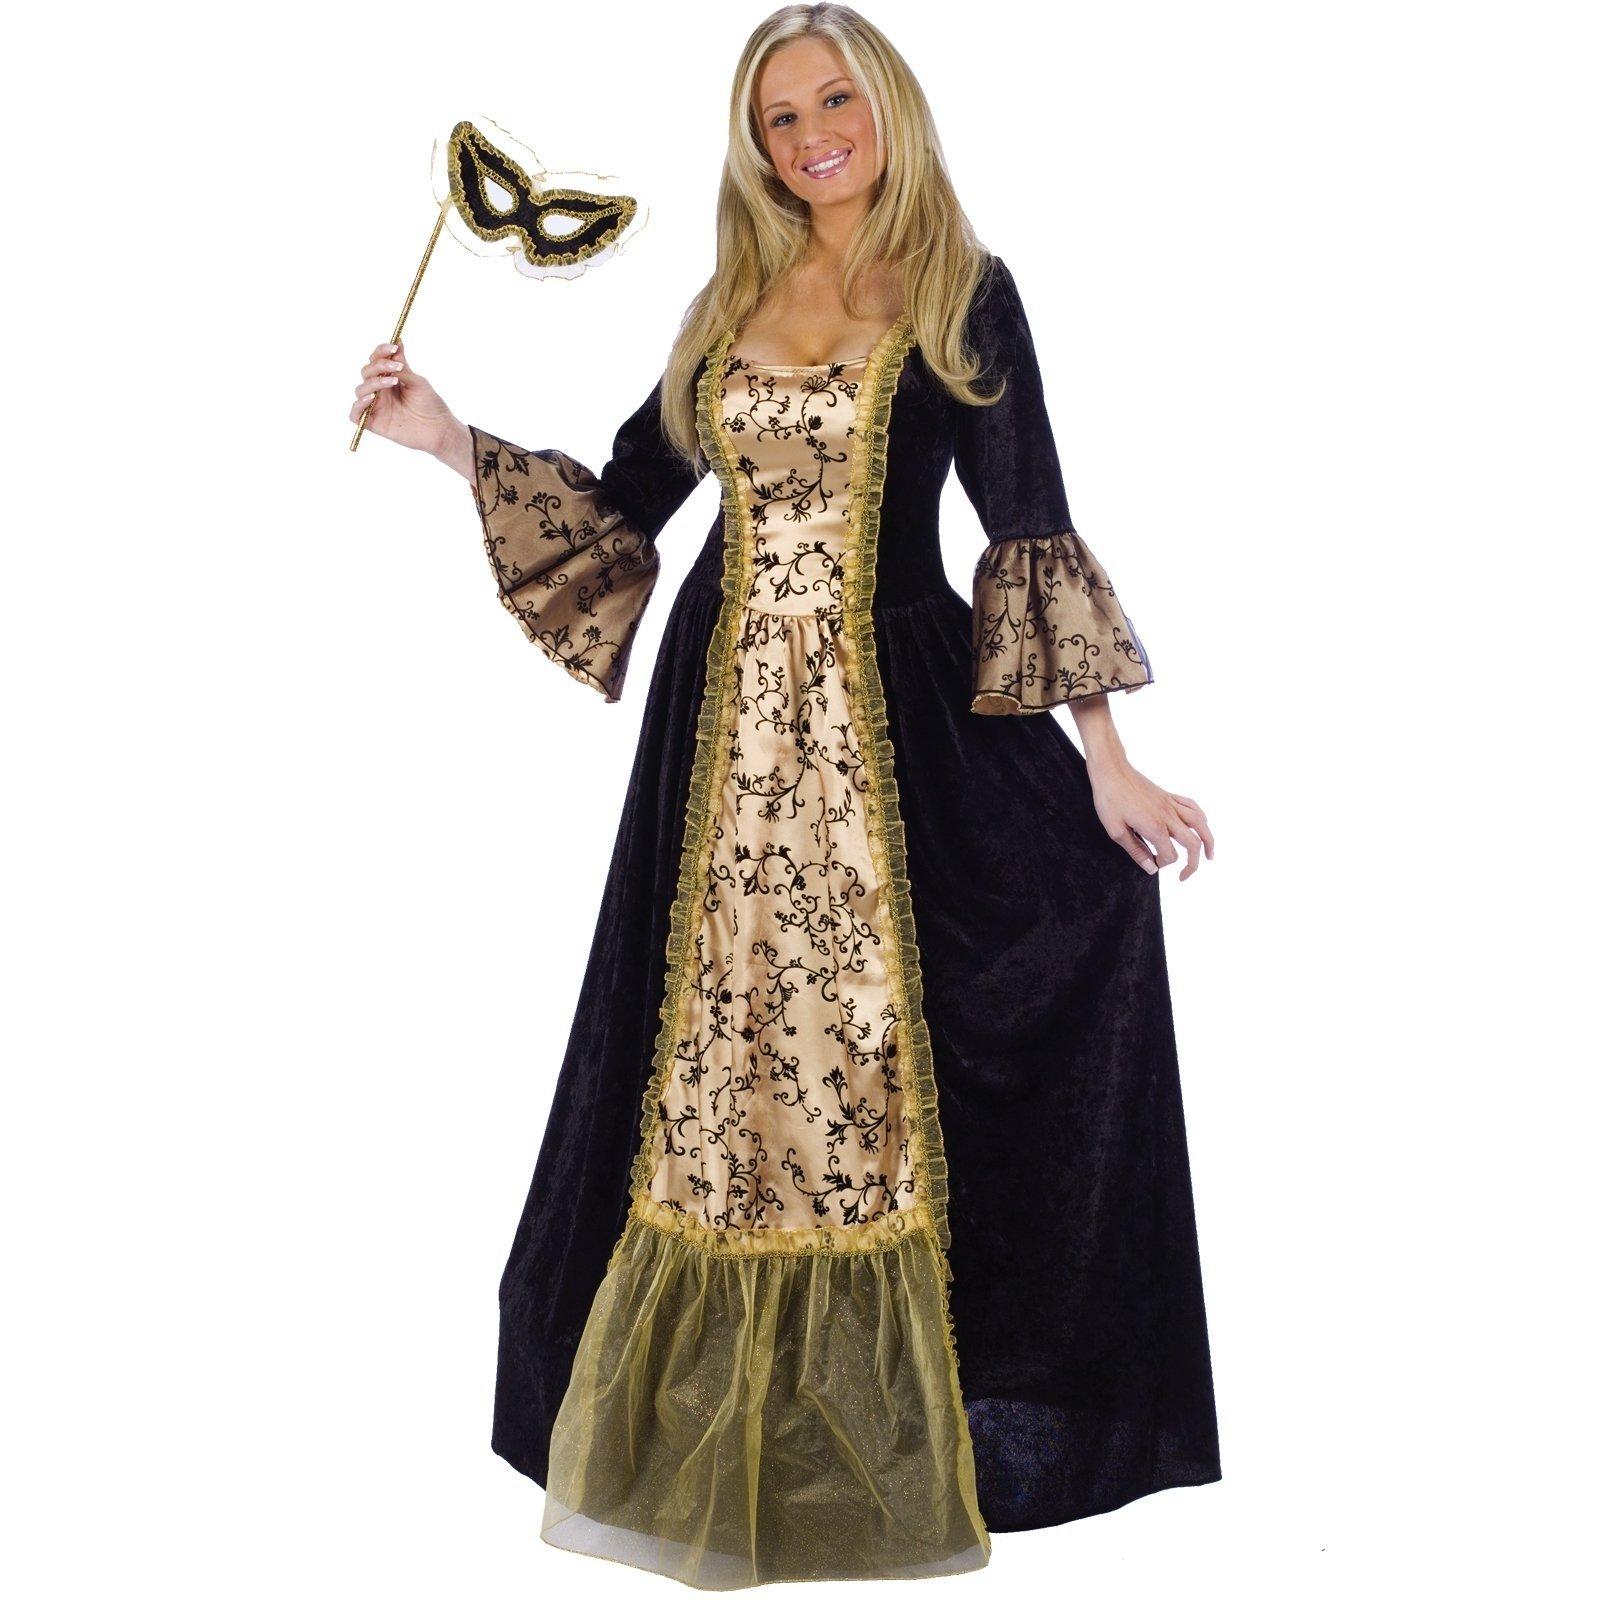 10 Lovable Masquerade Costume Ideas For Women masquerade ball ideas costumes the most eccentric masquerade ball 2021